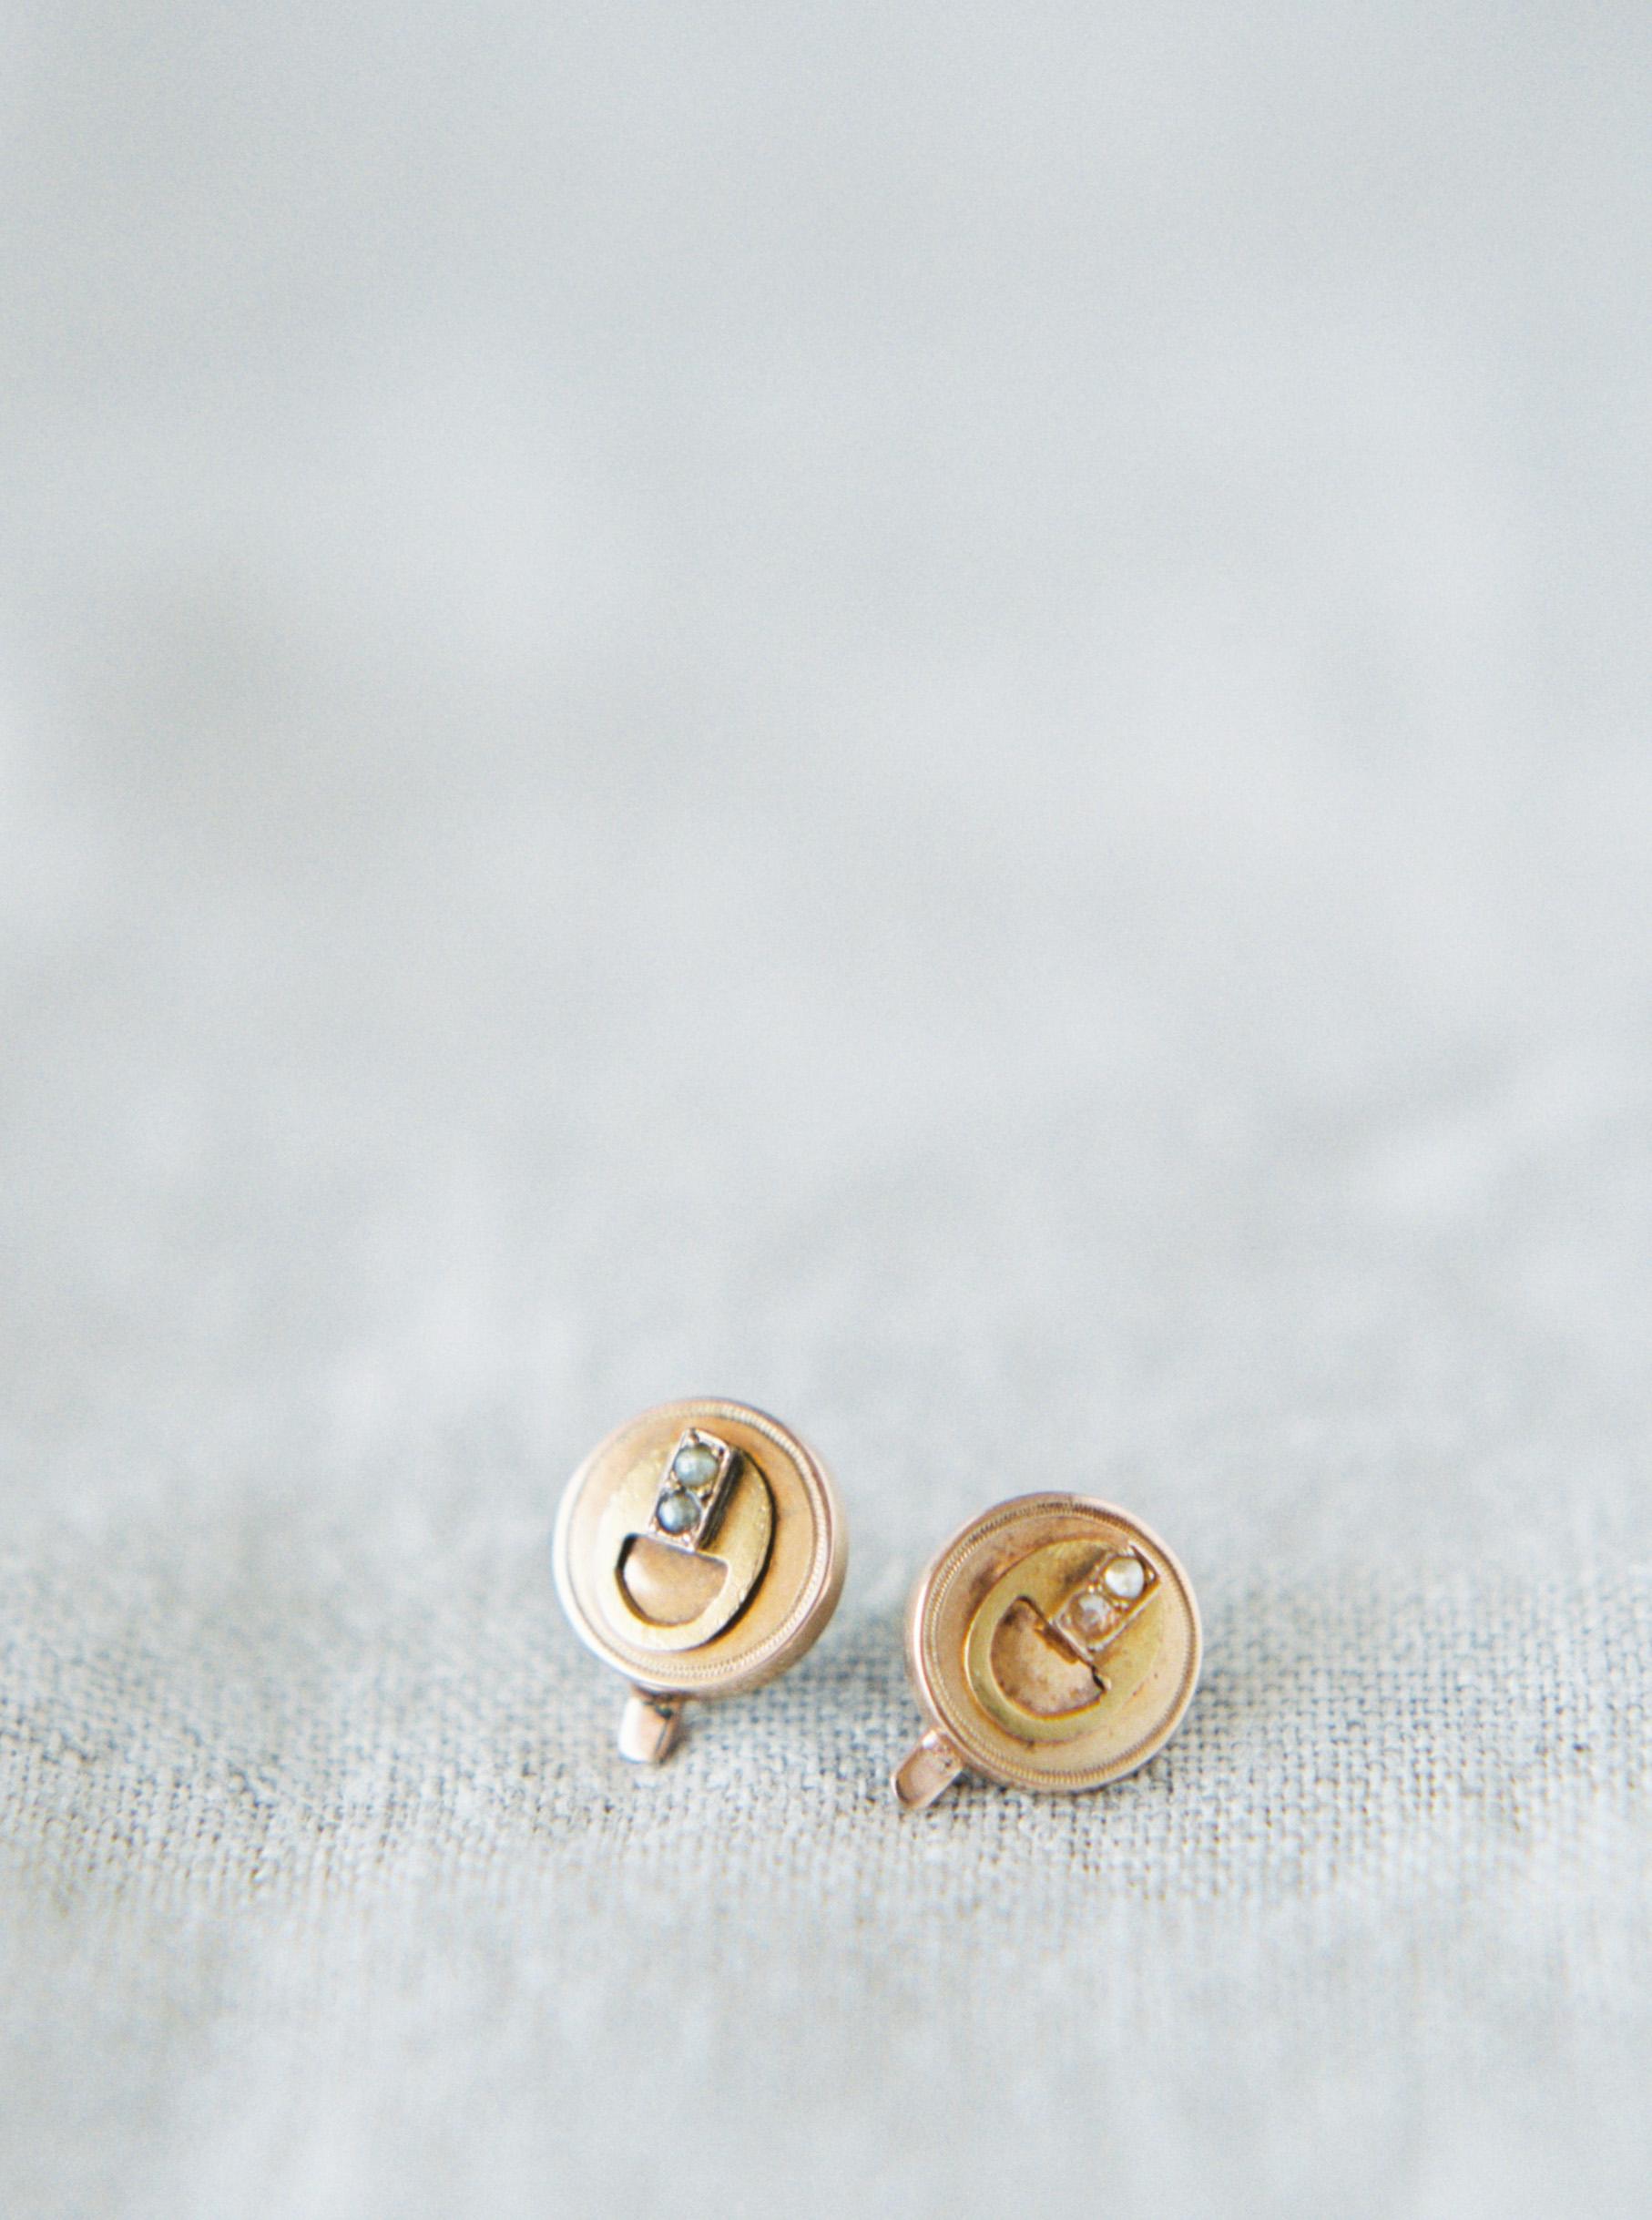 jeanette david wedding bride gold earrings